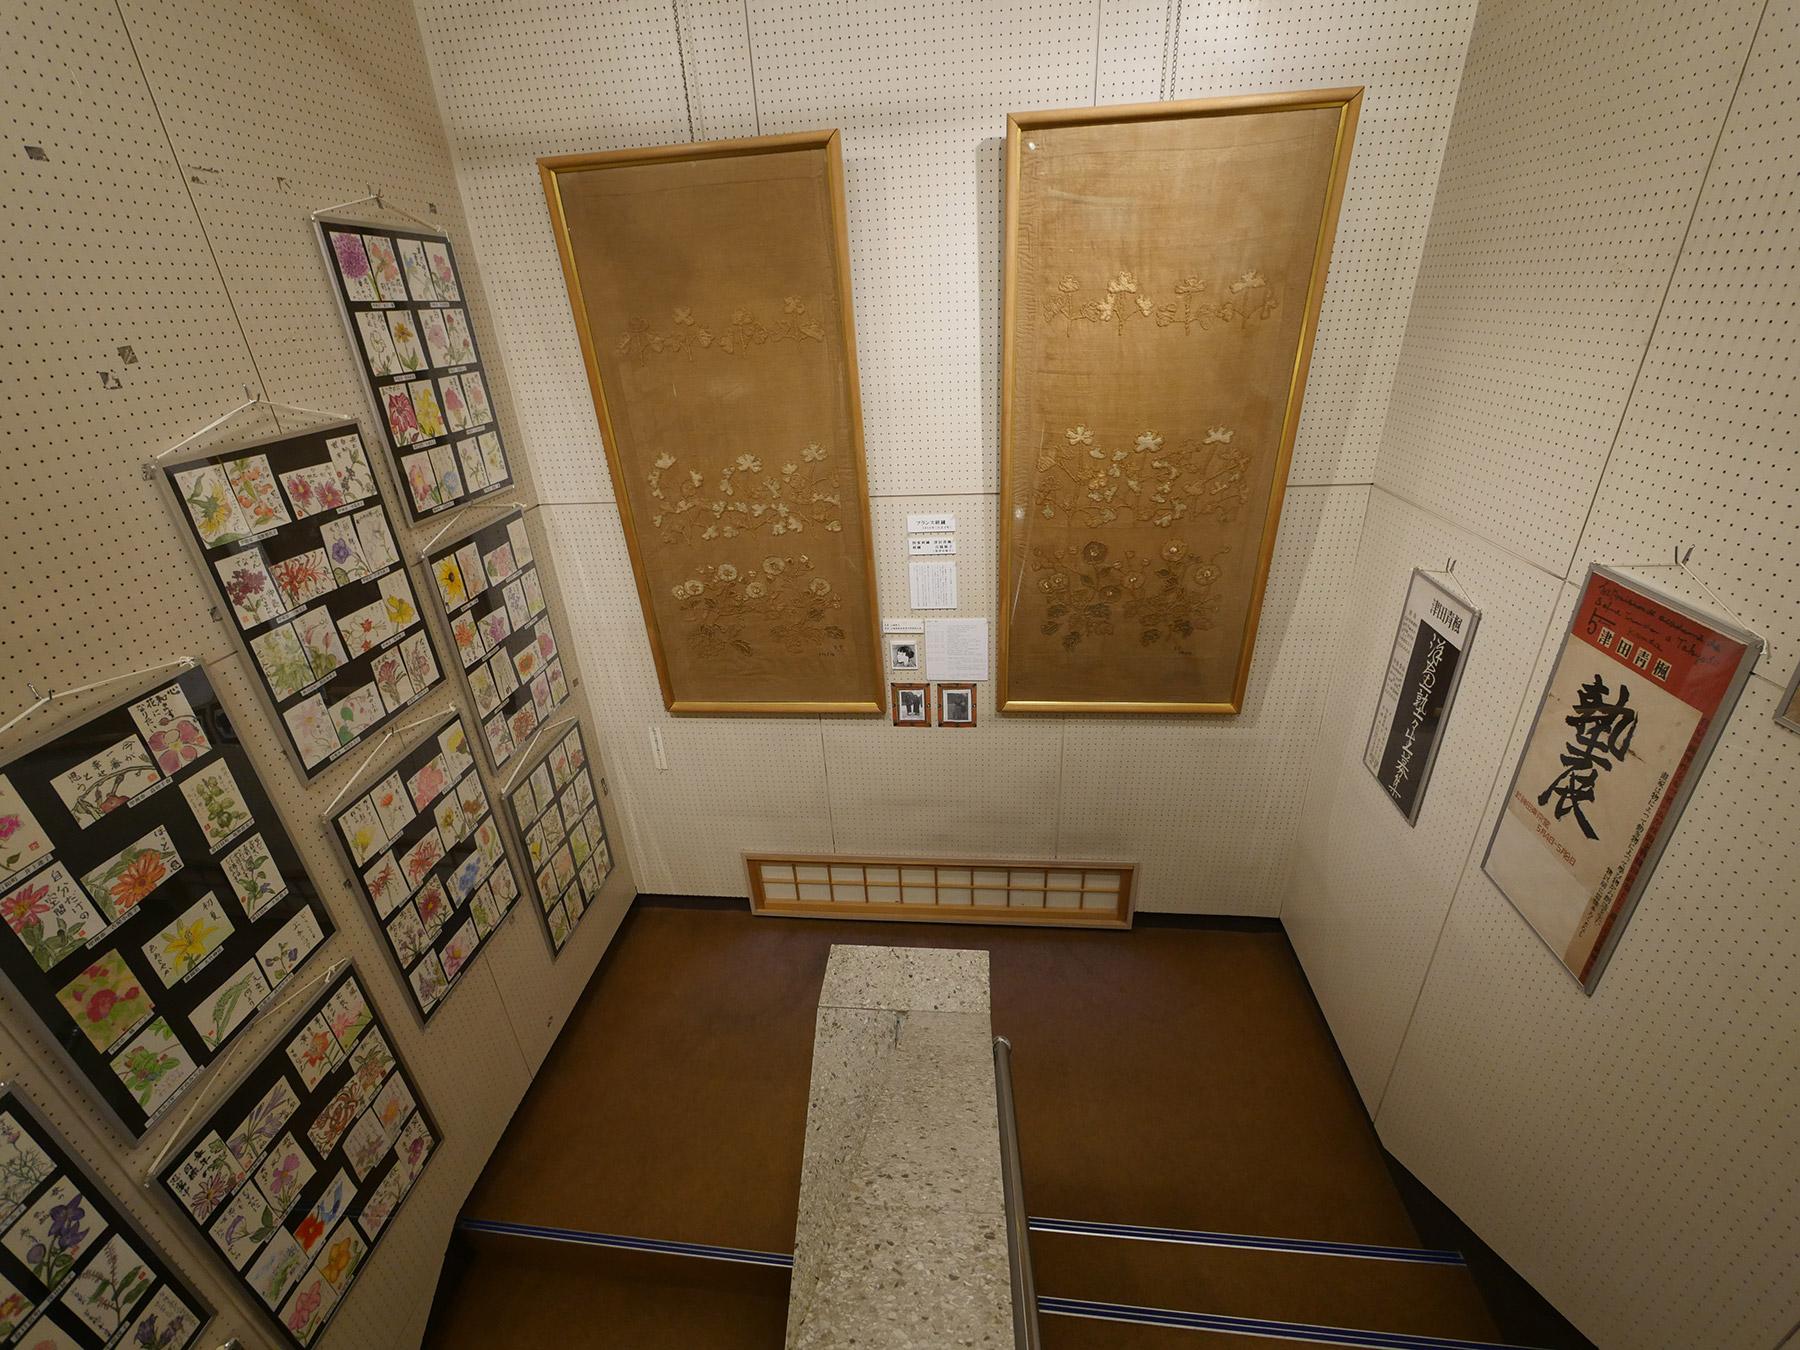 津田青楓の図案の刺繍と共に展示されています